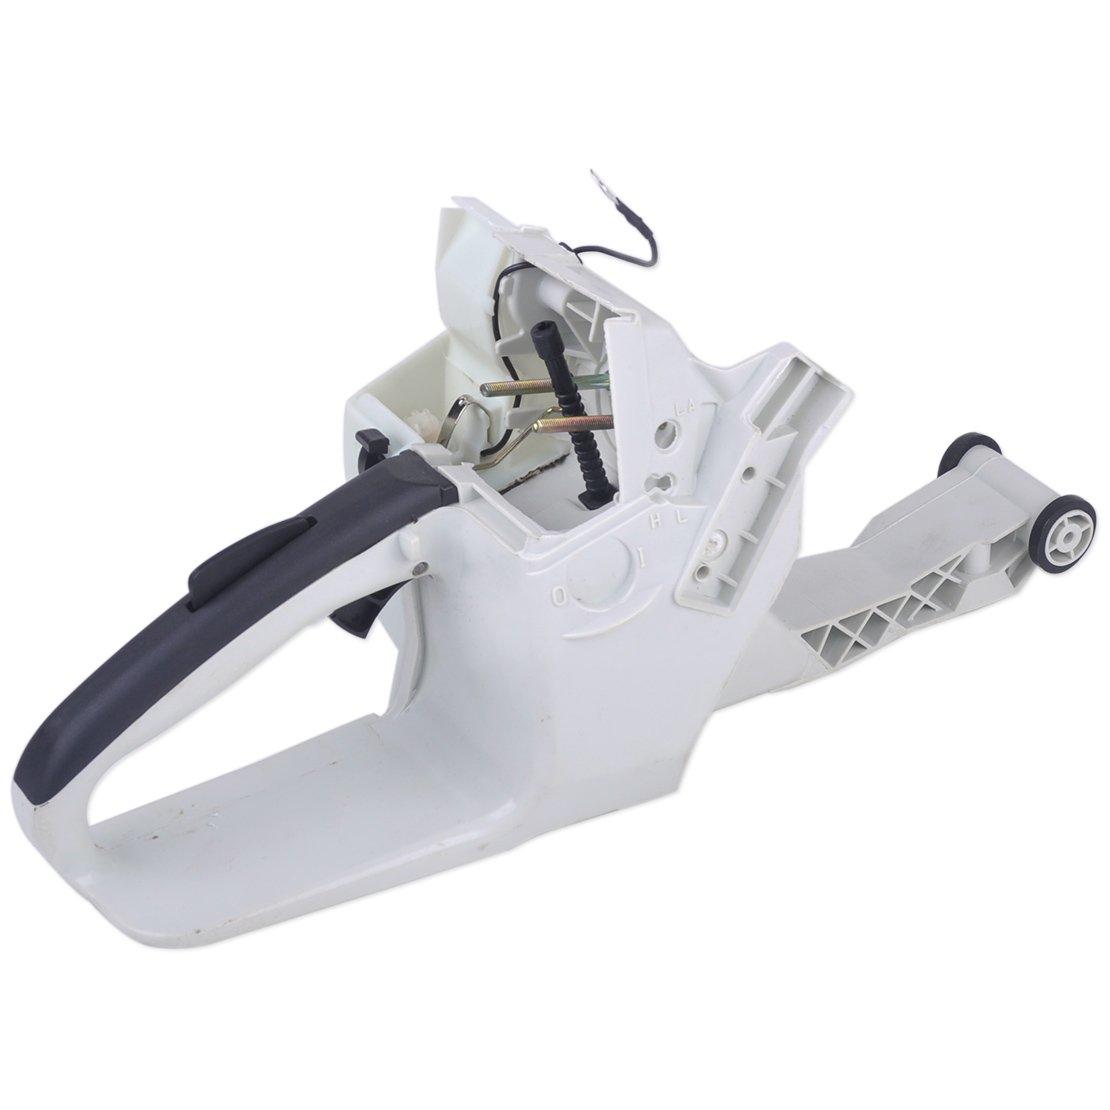 Gas Treibstofftank Heckgriff passend f/ür Stihl 038 038AV 038 Magnum MS380 1119 350 0852 Kettens/äge